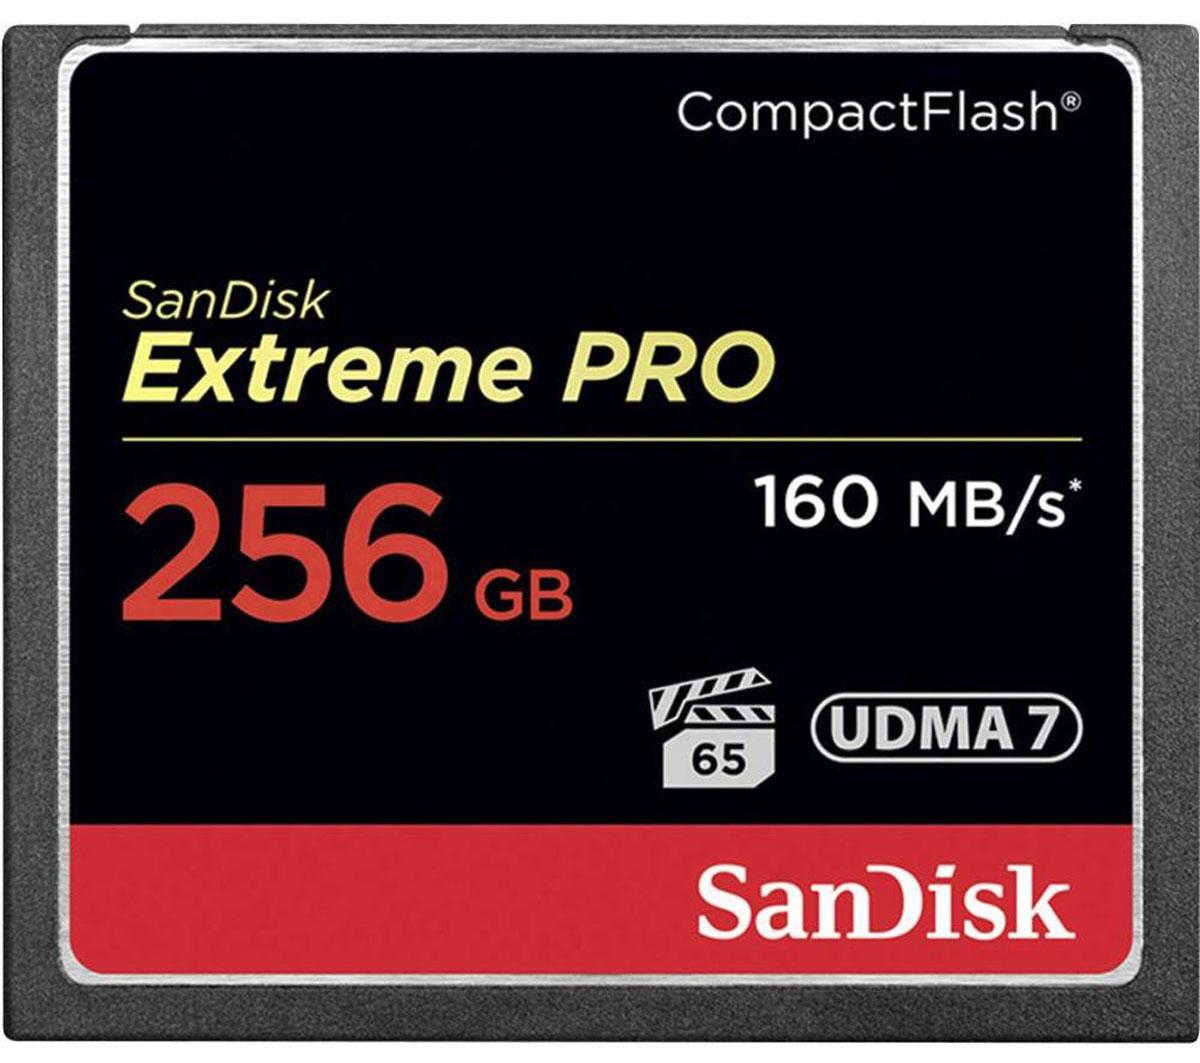 SanDisk Extreme Pro CompactFlash 256GB карта памятиSDCFXPS-256G-X46Карты памяти SanDisk Extreme PRO CompactFlash представляют собой высокопроизводительные устройства большой емкости, рассчитанные на съемку кинематографического видео. Скорость передачи данных до 160 МБ/с обеспечивает высокую производительность и эффективность, которые следует ожидать от продукции мирового лидера в сфере флеш-памяти. Эти передовые карты памяти оптимизированы для профессиональной видеосъемки и гарантируют минимальную устойчивую скорость записи 65 МБ/с для съемки видео в форматах 4K и Full HD. Емкости до 256 ГБ достаточно для хранения нескольких часов видео и тысяч изображений высокого разрешения. Чтобы вы не упустили ни одного важного момента, мы сделали эту карту памяти невосприимчивой к экстремальным температурам, ударам и другим испытаниям судьбы. Благодаря высокой надежности и быстродействию этой карты памяти вы сможете снимать быстрее, работать продуктивнее, а также в большей мере раскрывать потенциал новейших функций, таких...